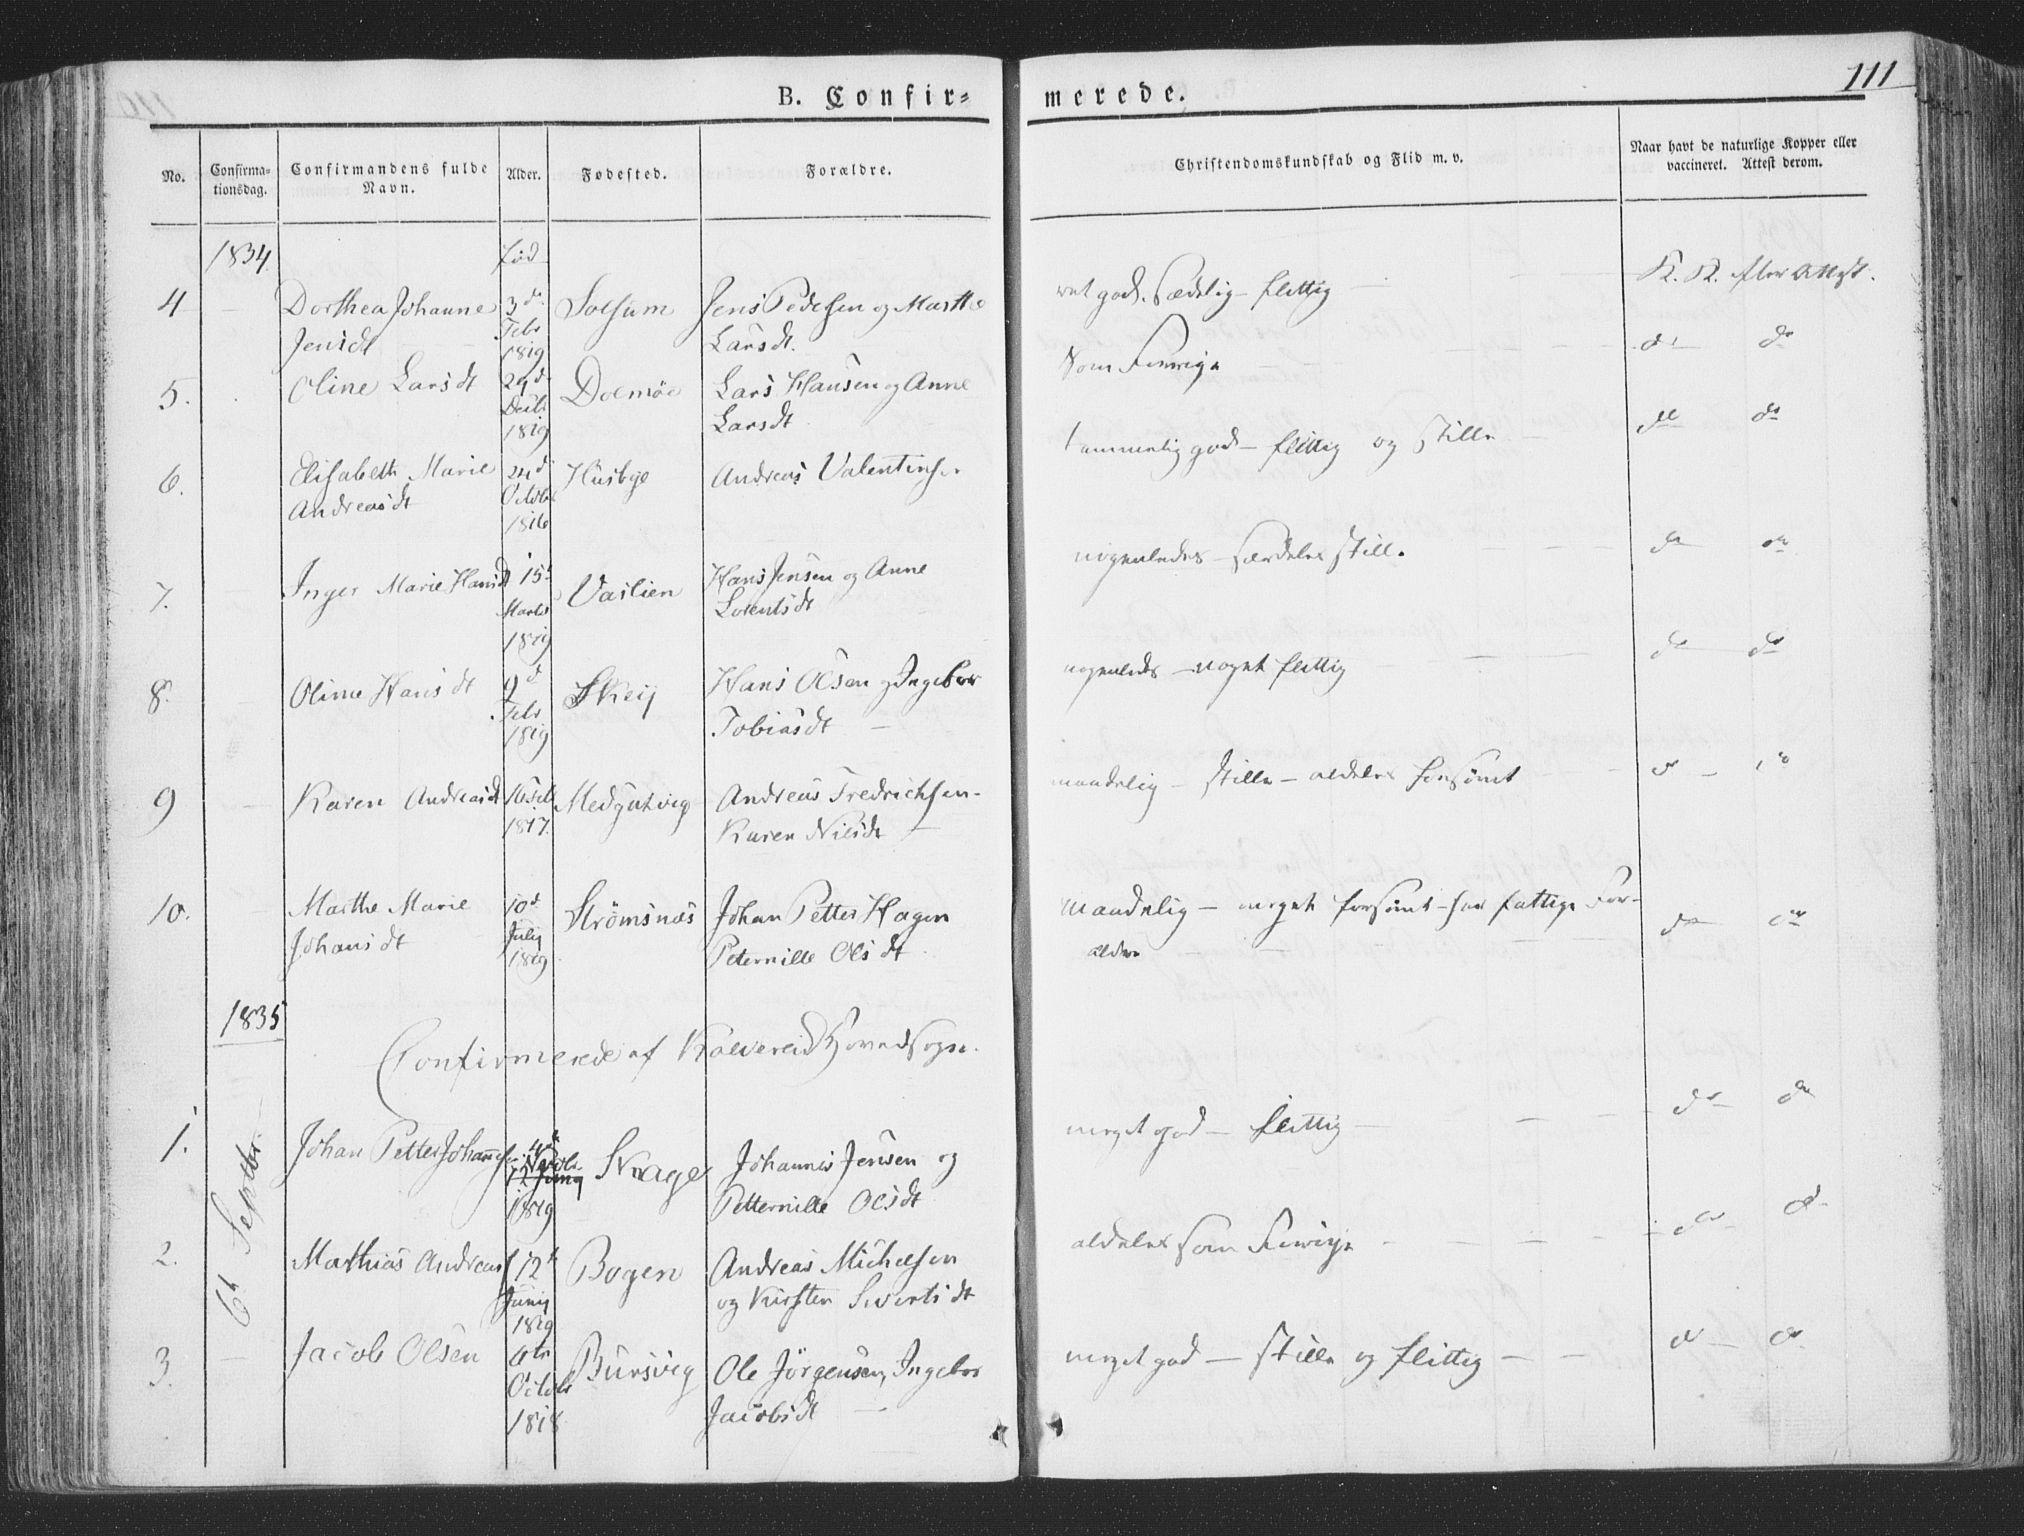 SAT, Ministerialprotokoller, klokkerbøker og fødselsregistre - Nord-Trøndelag, 780/L0639: Ministerialbok nr. 780A04, 1830-1844, s. 111